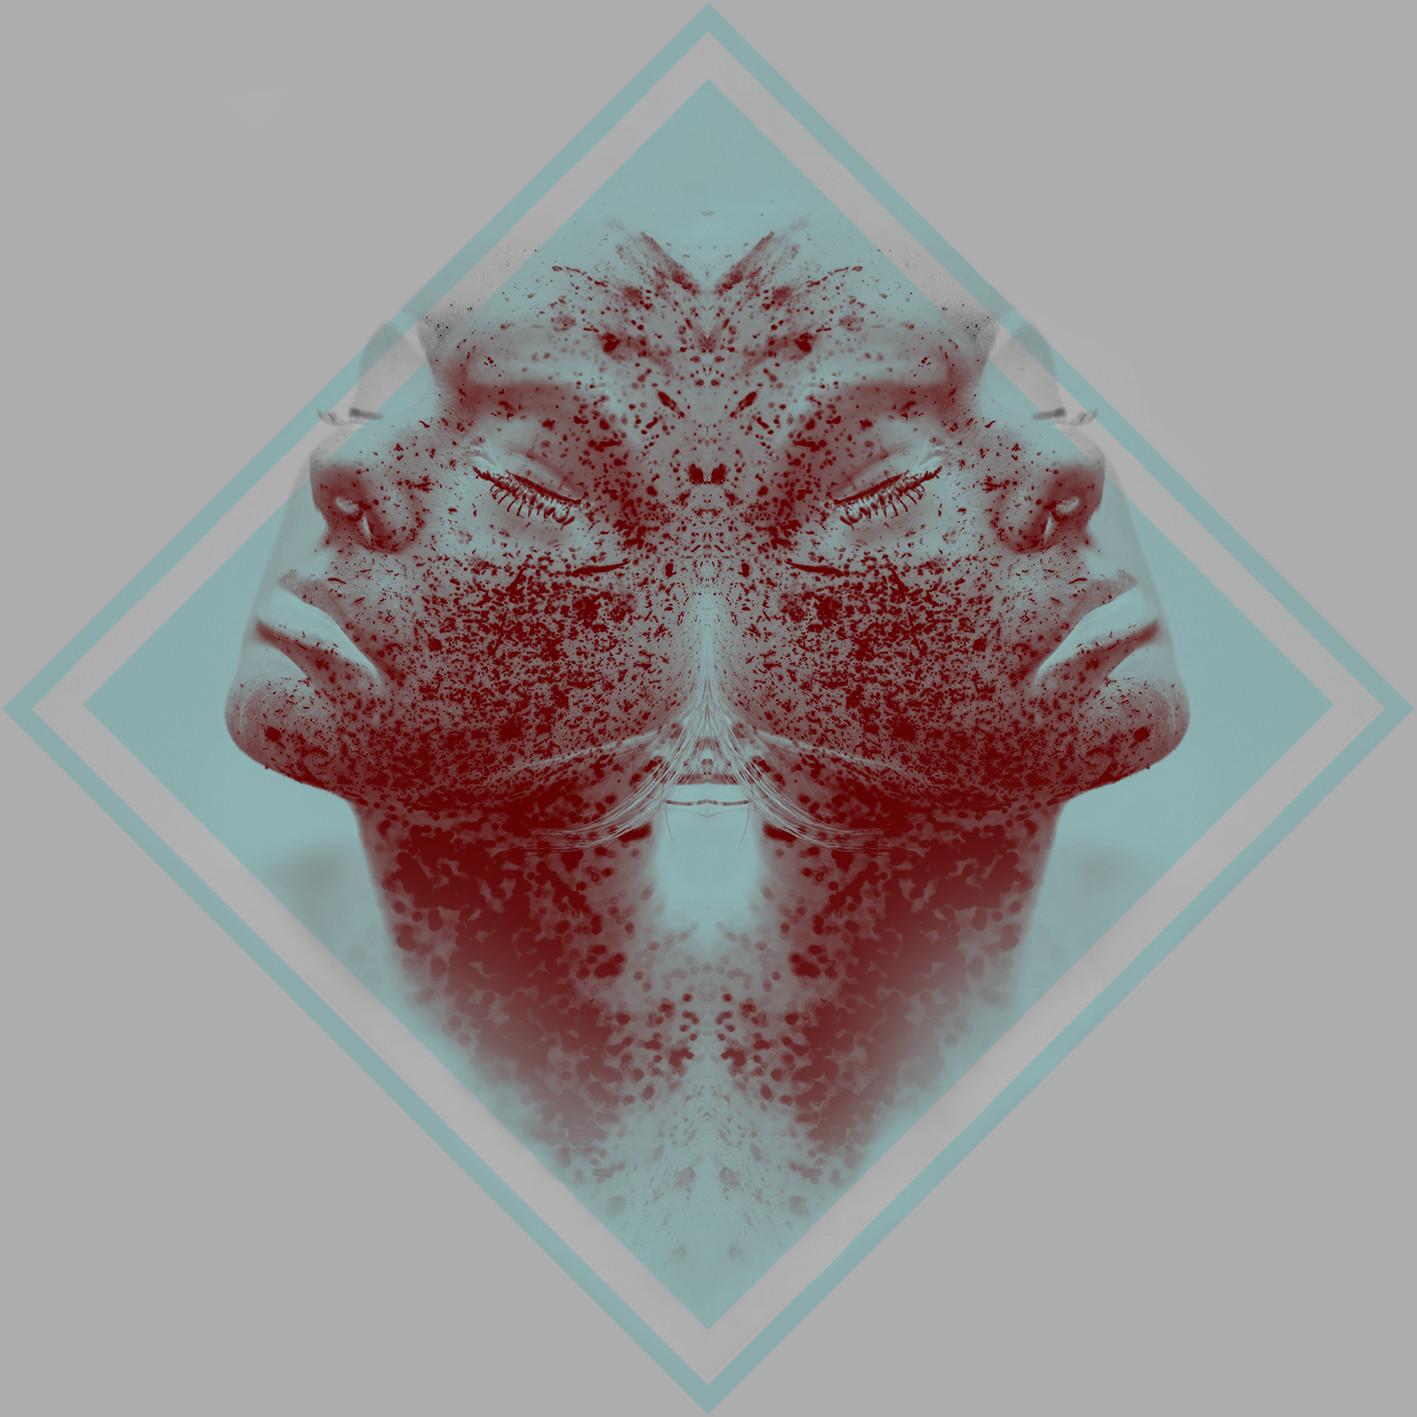 Gestaltung von Werbemitteln / Design